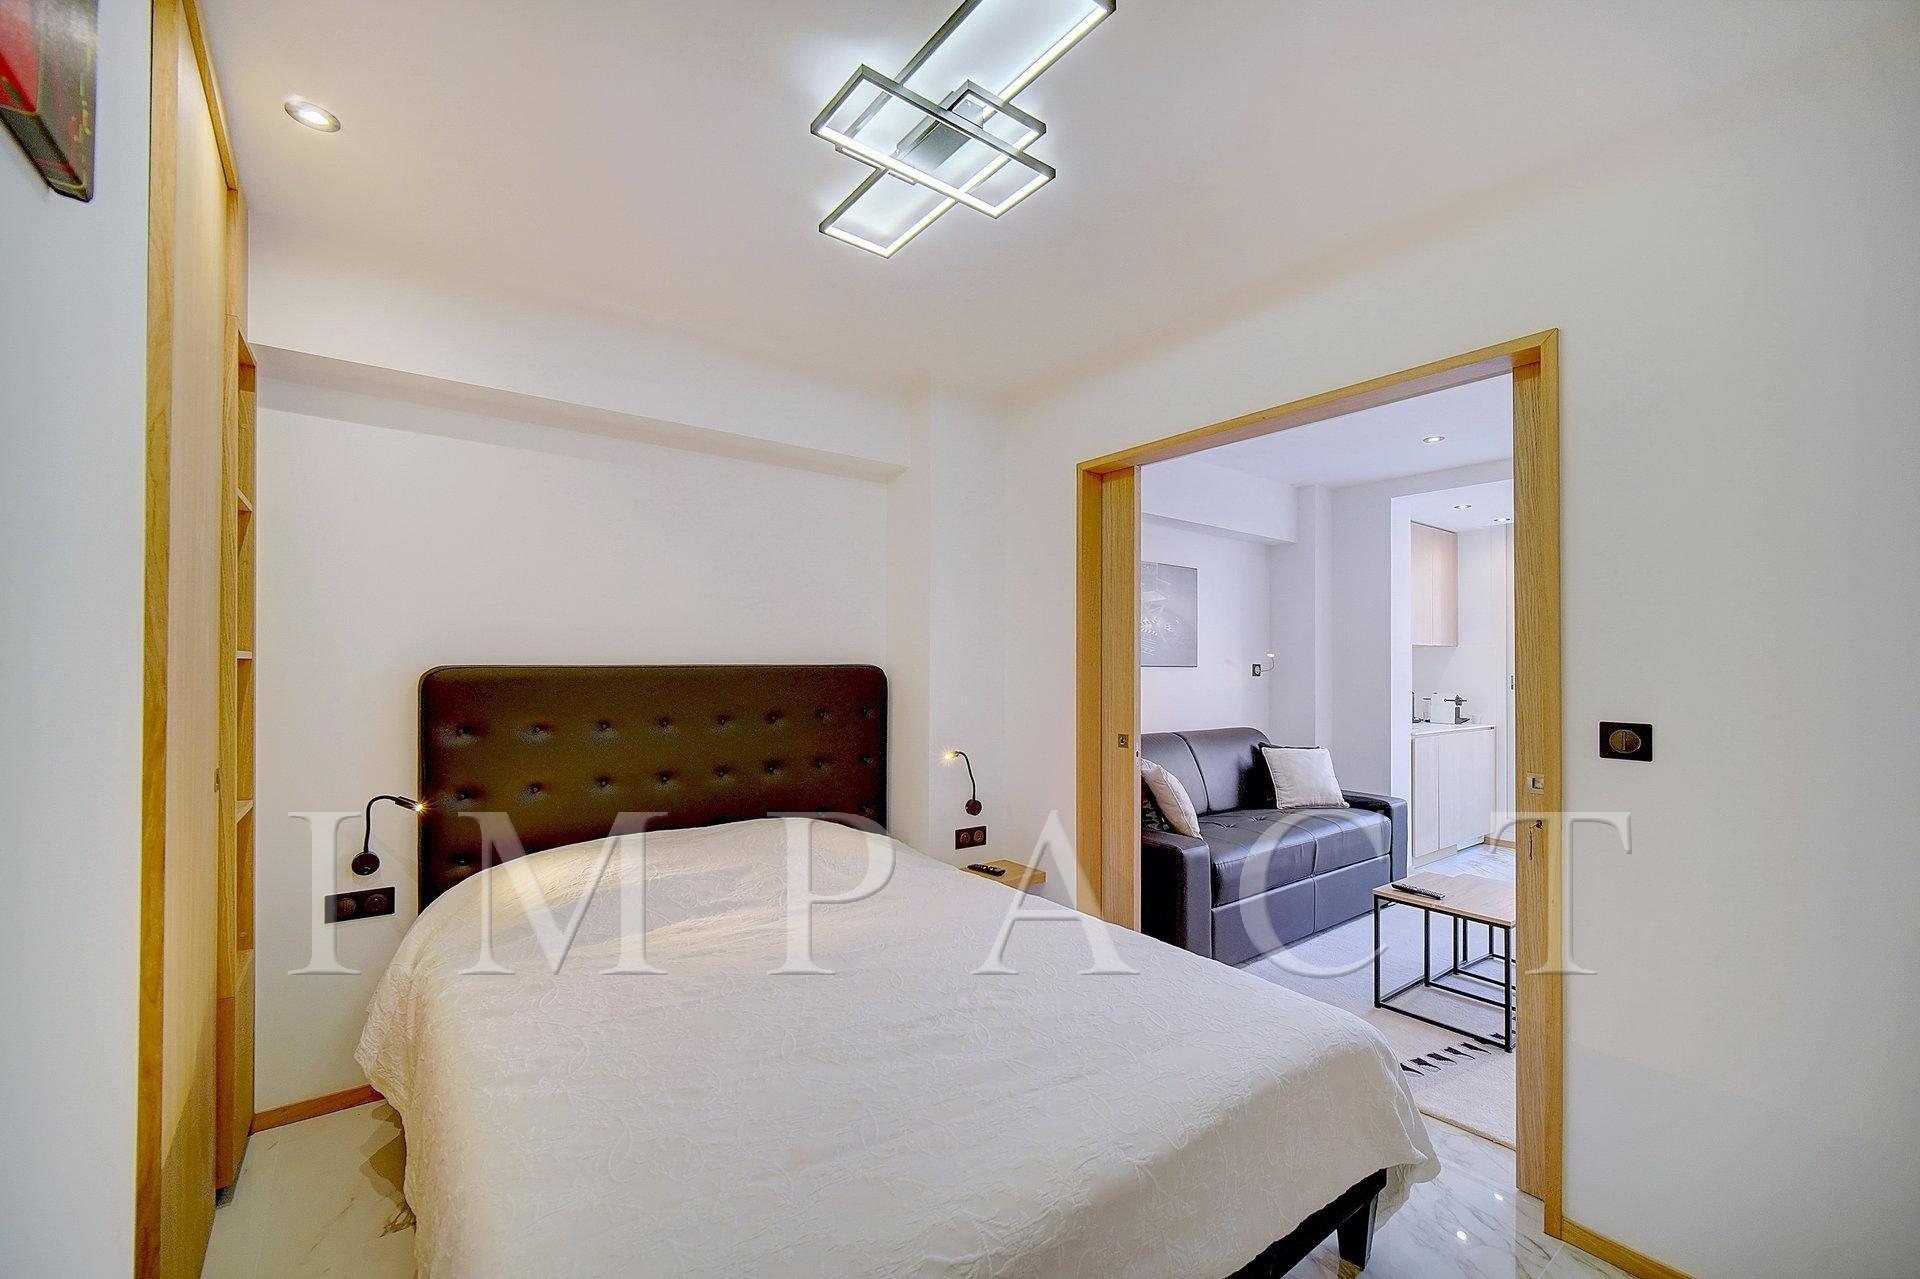 Location saisonnière - Appartement Neuf 1 chambre - Cannes Croisette